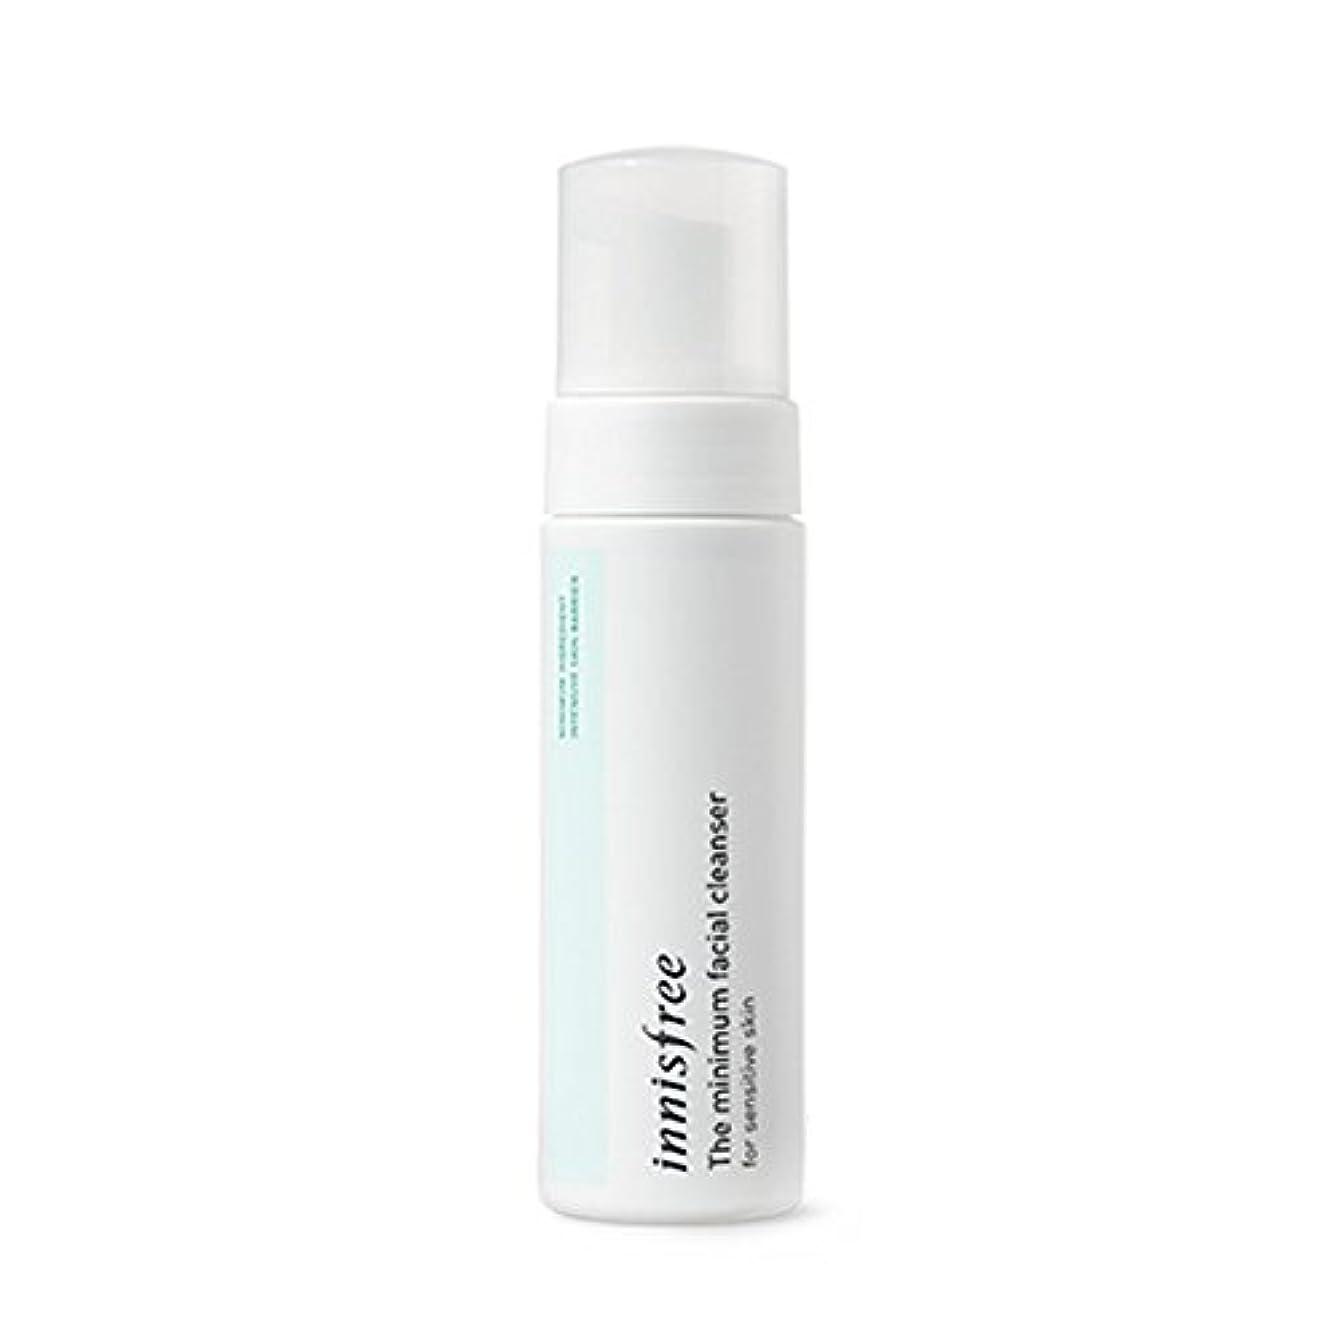 バックアップオリエンタルフルートイニスフリーミニフェイシャルクレンザー70ml Innisfree The Minimum Facial Cleanser 70ml [海外直送品][並行輸入品]